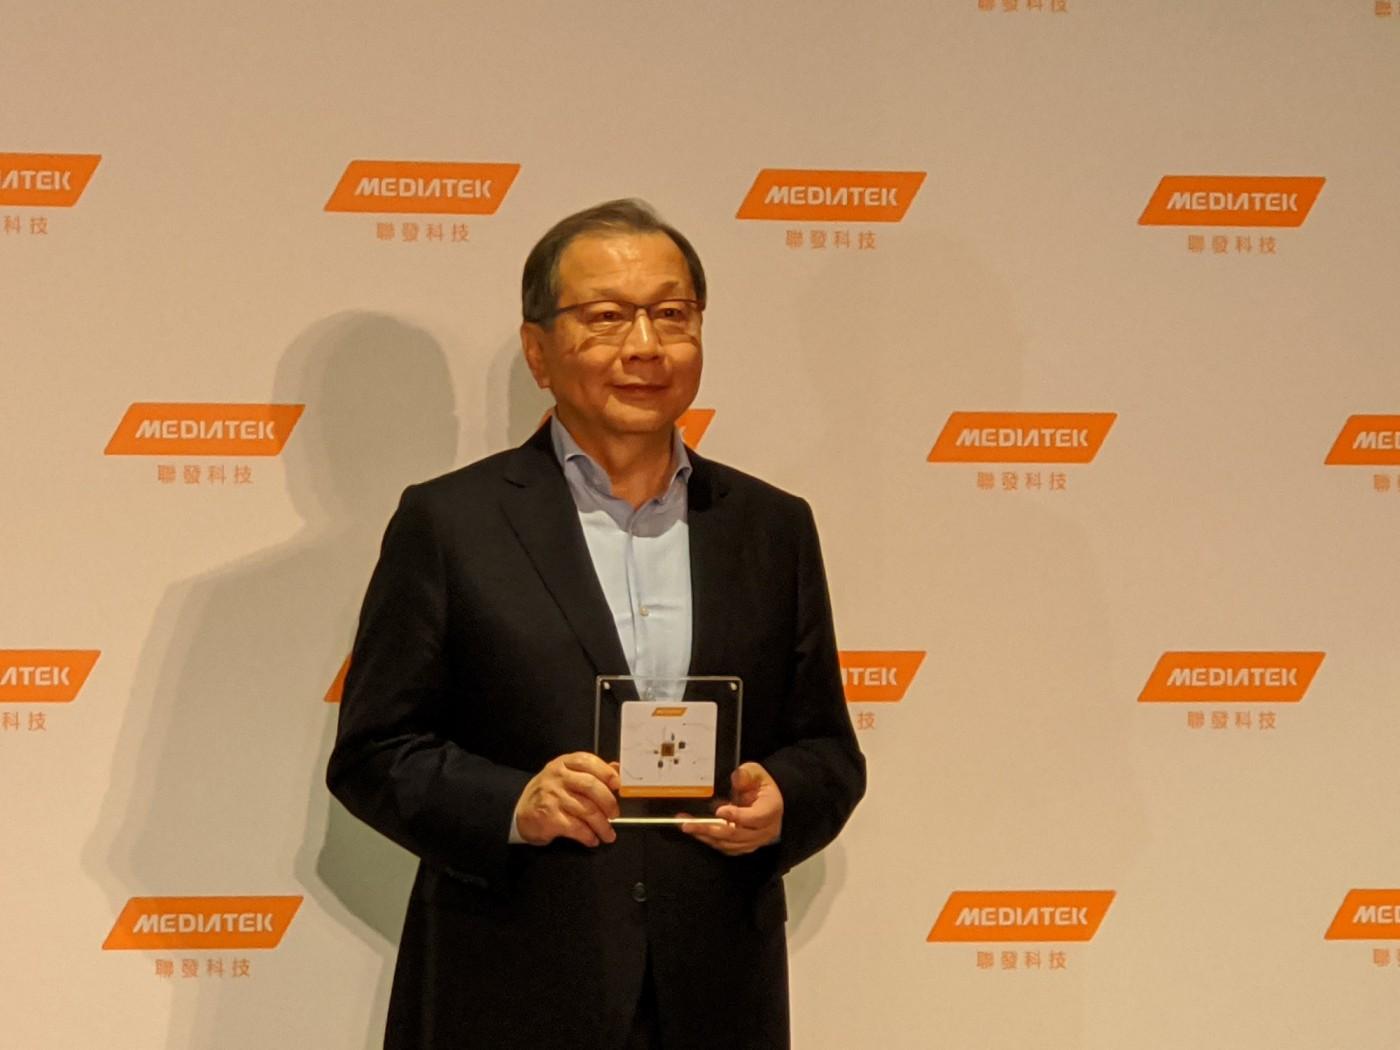 累積投入千億!聯發科首款5G重量級產品「天璣1000」晶片終於問世,背後透露的野心是?